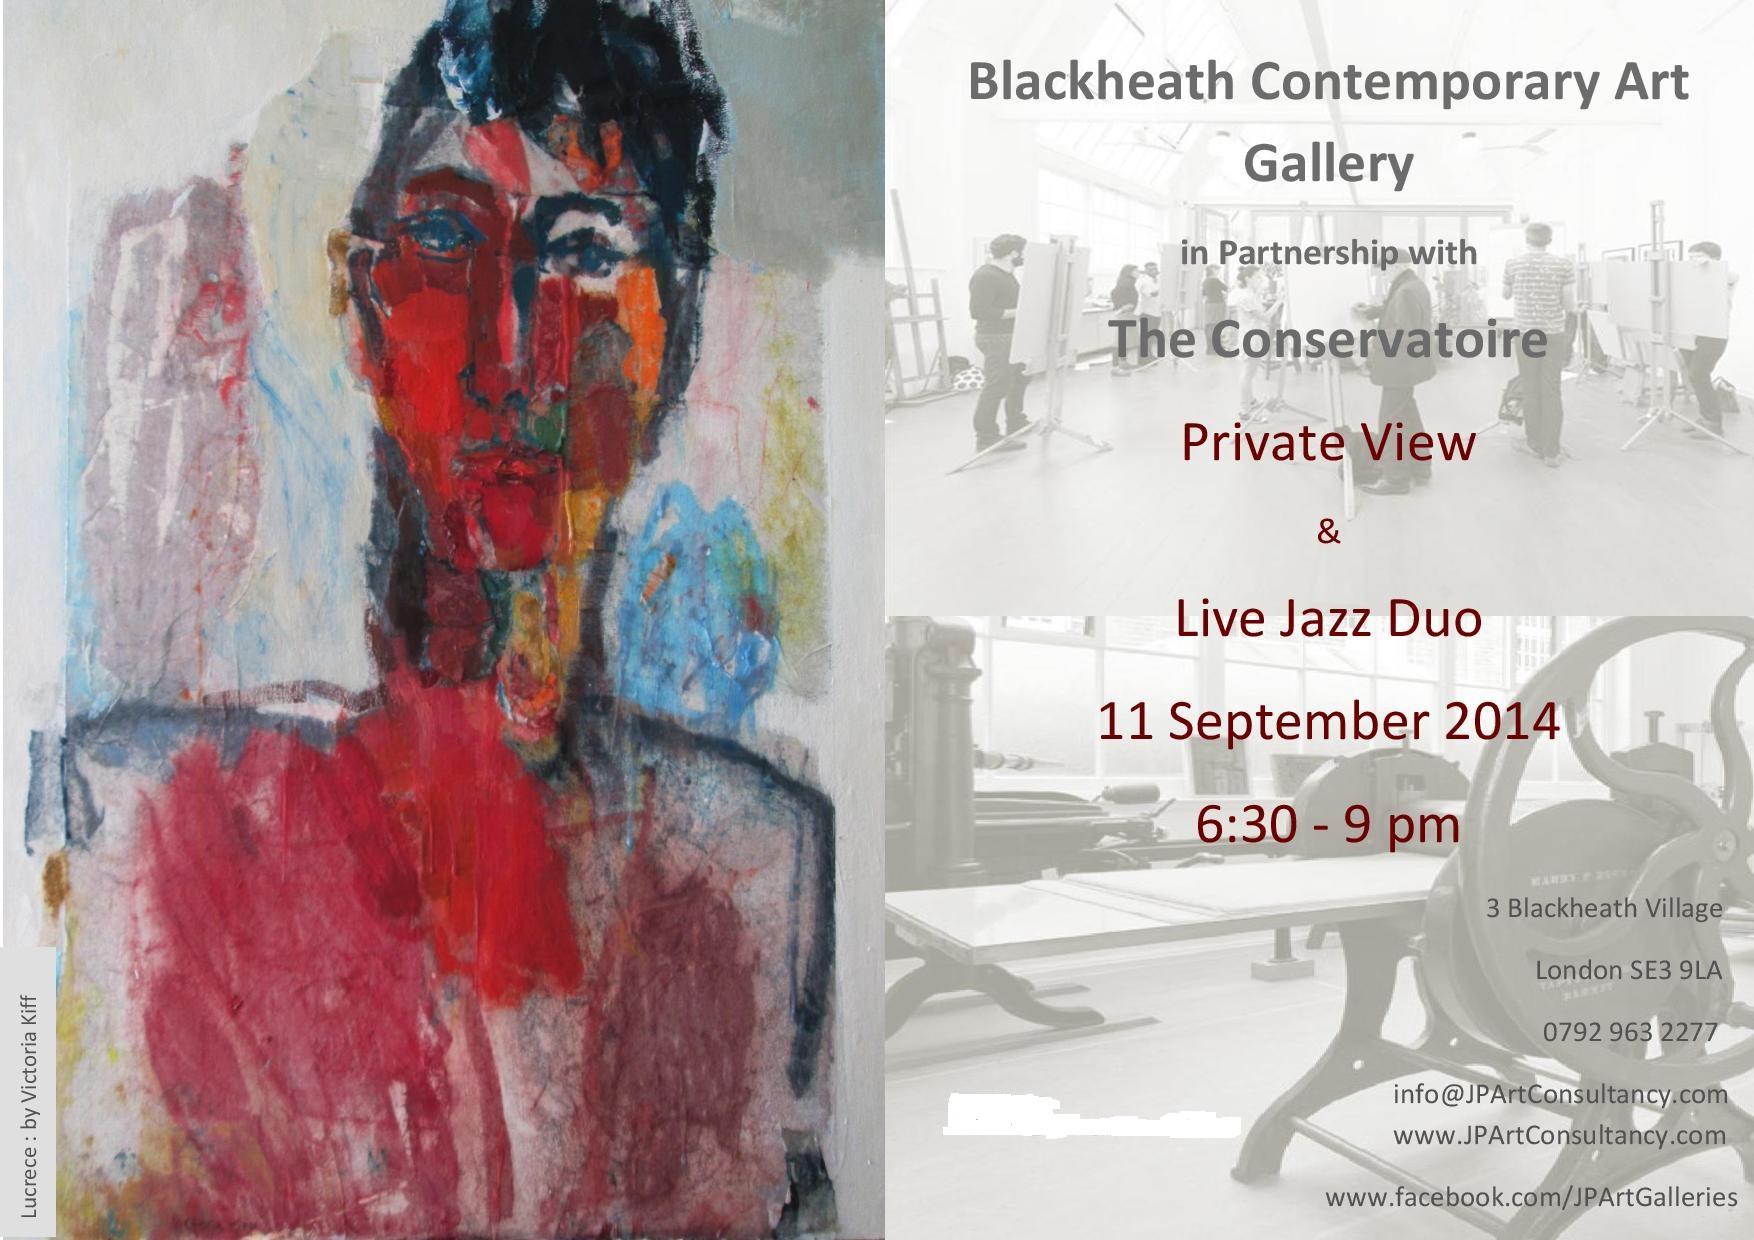 Private View Invitation- Blackheath Contemporary Art Gallery & The Conservatoire Sept 2014 (1).jpg